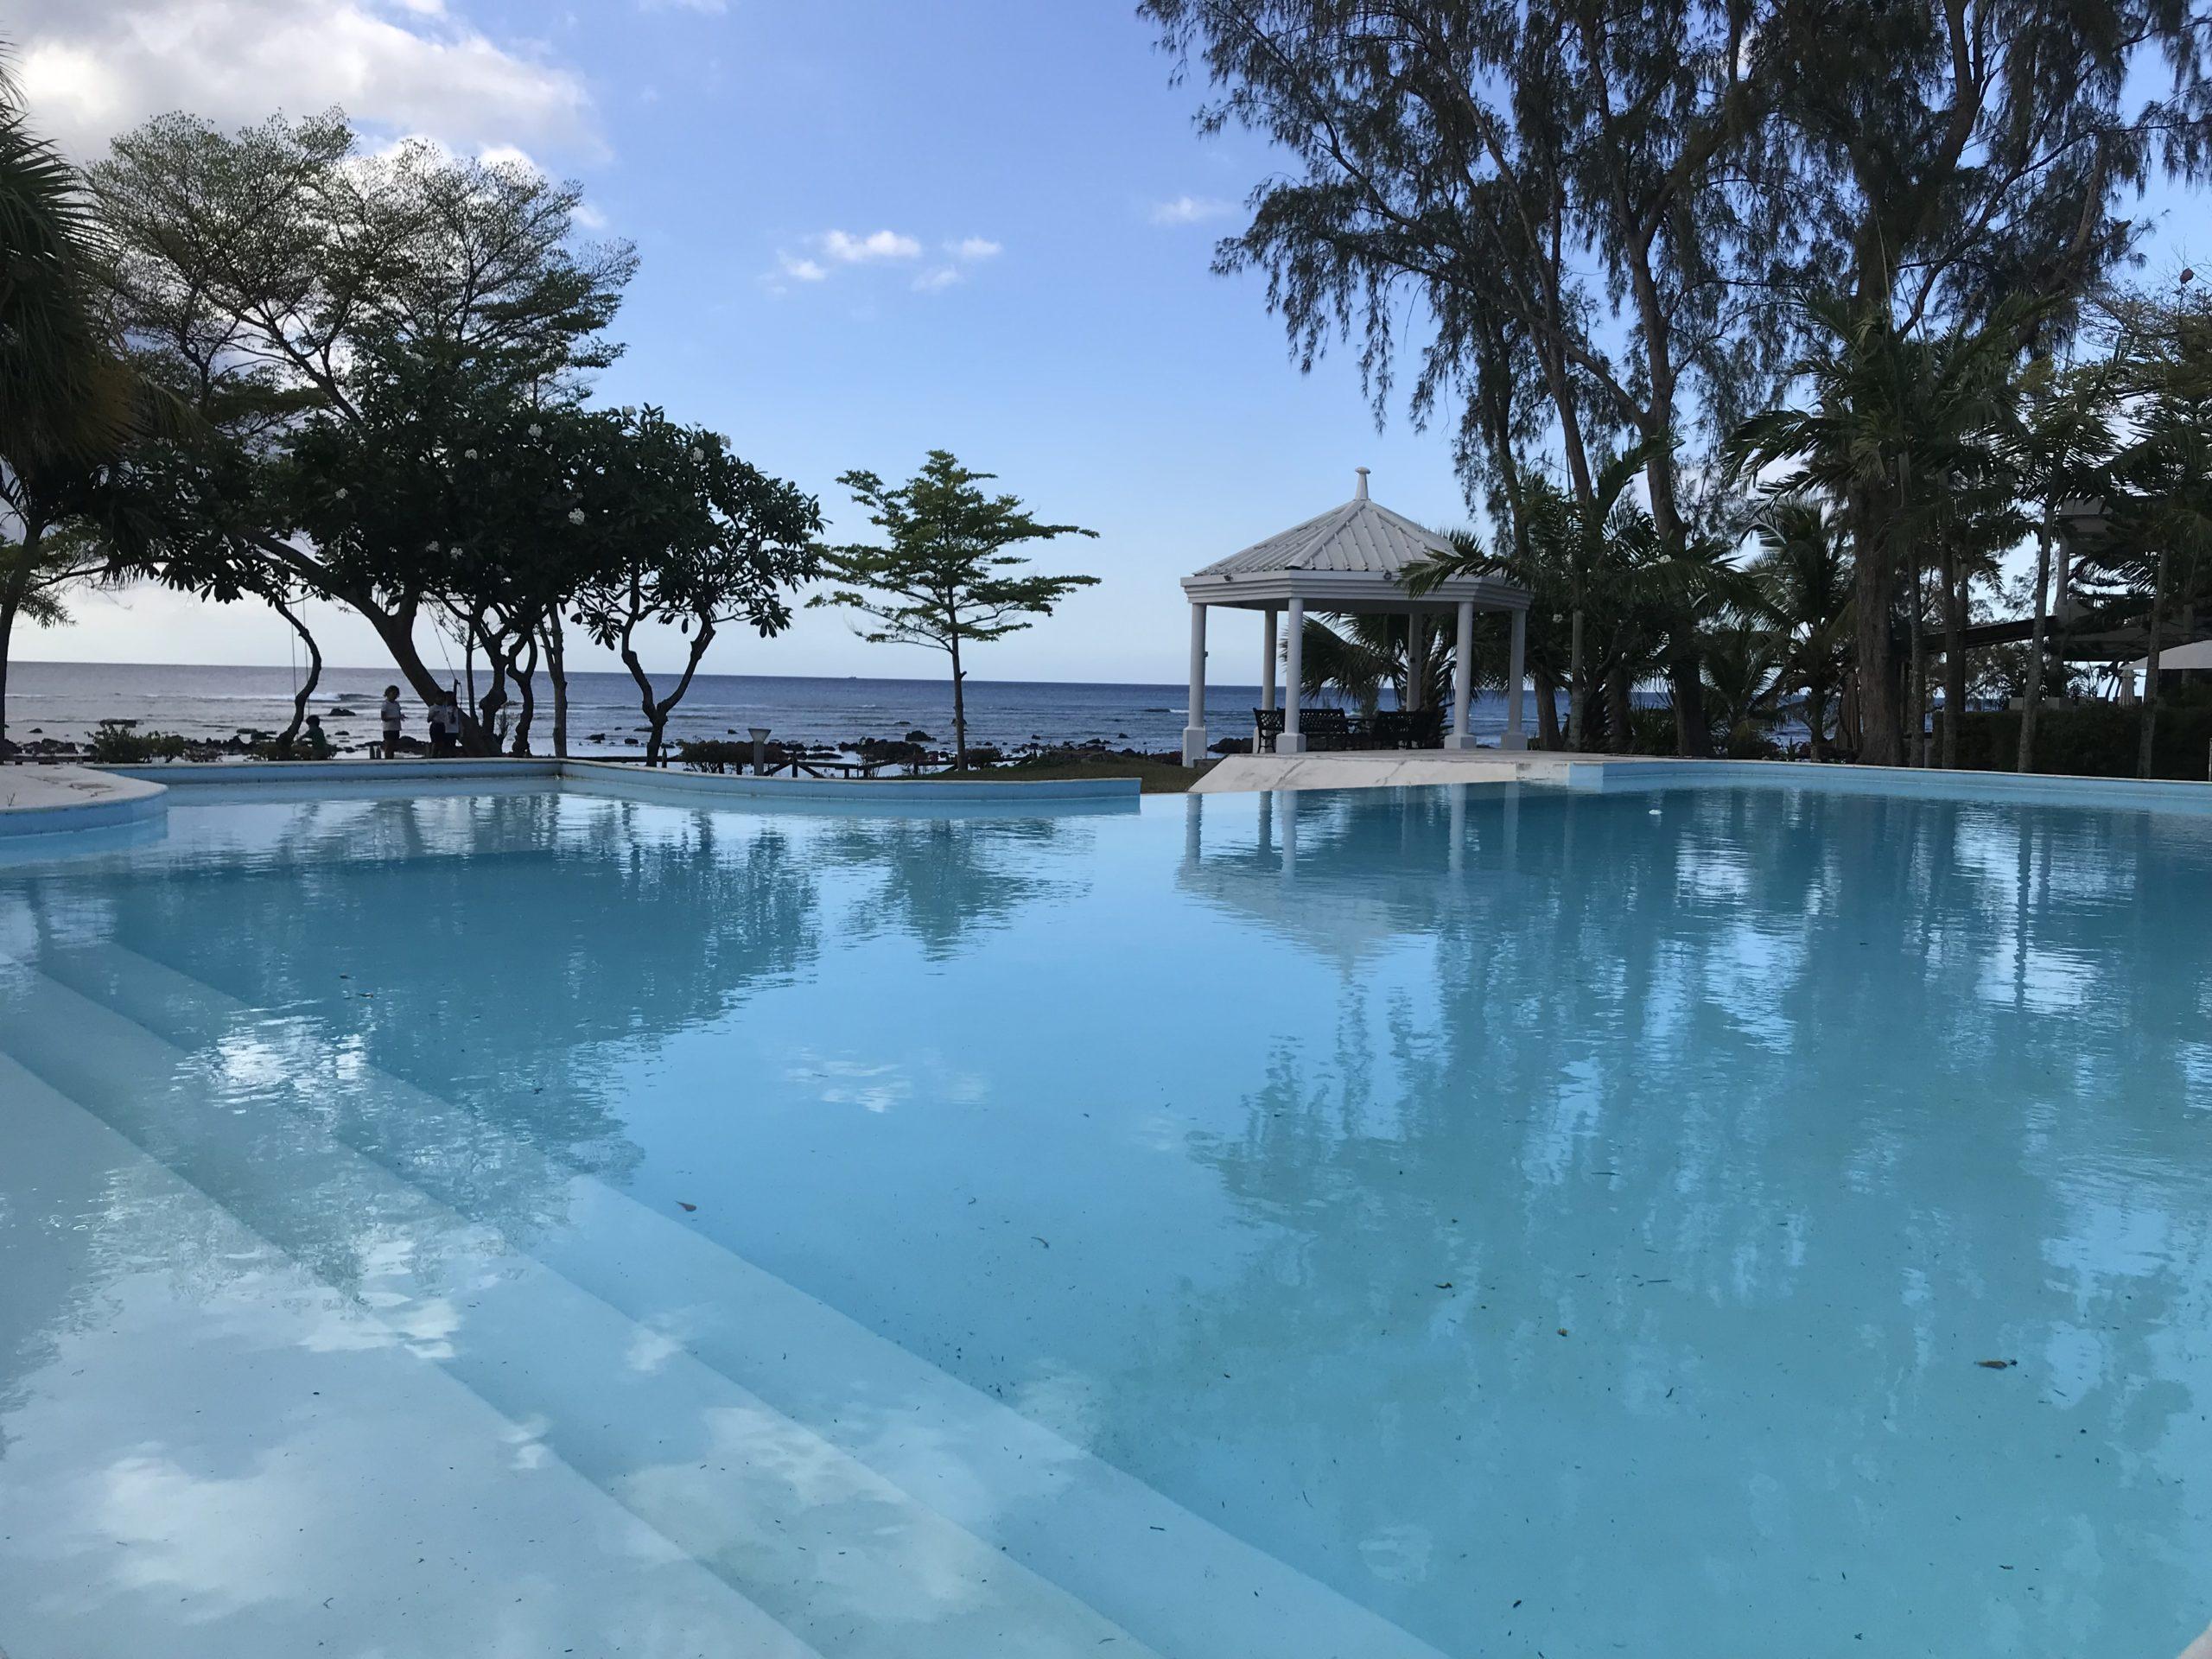 Villa à louer en bord de mer -Pointe Aux Biches - île Maurice